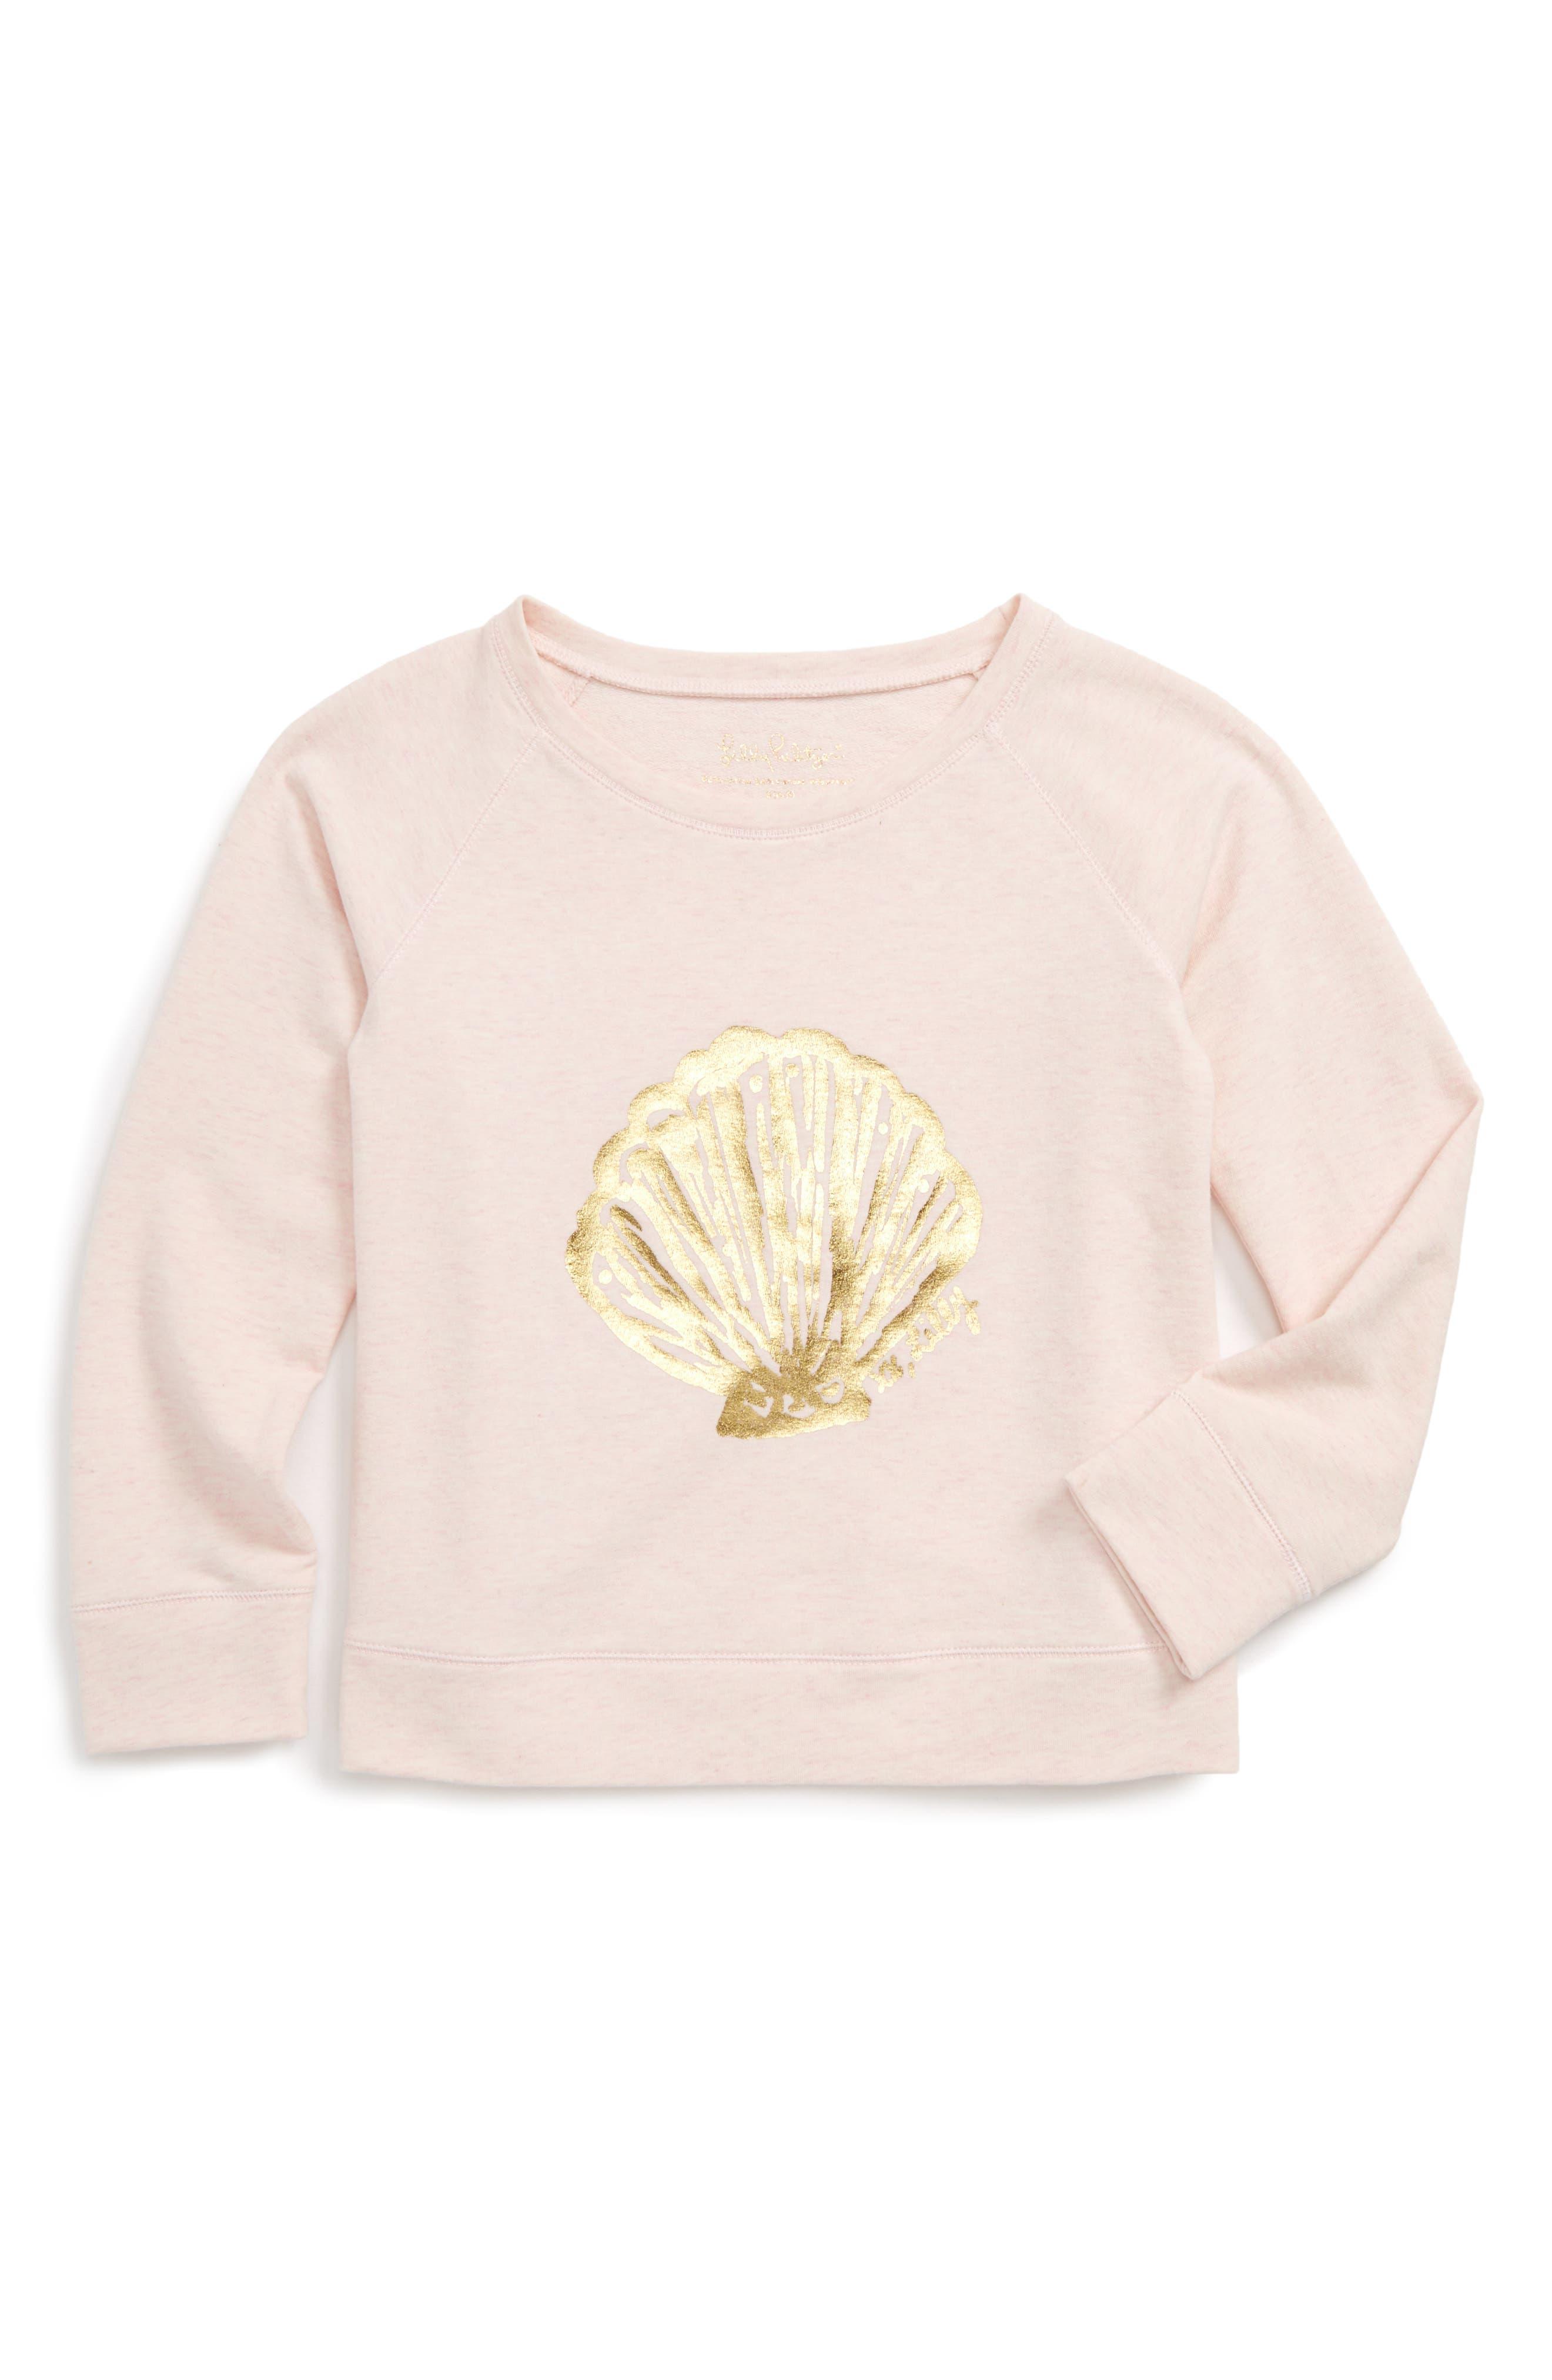 Lilly Pulitzer Shara Graphic Print Sweatshirt,                         Main,                         color, Paradise Pink Shell